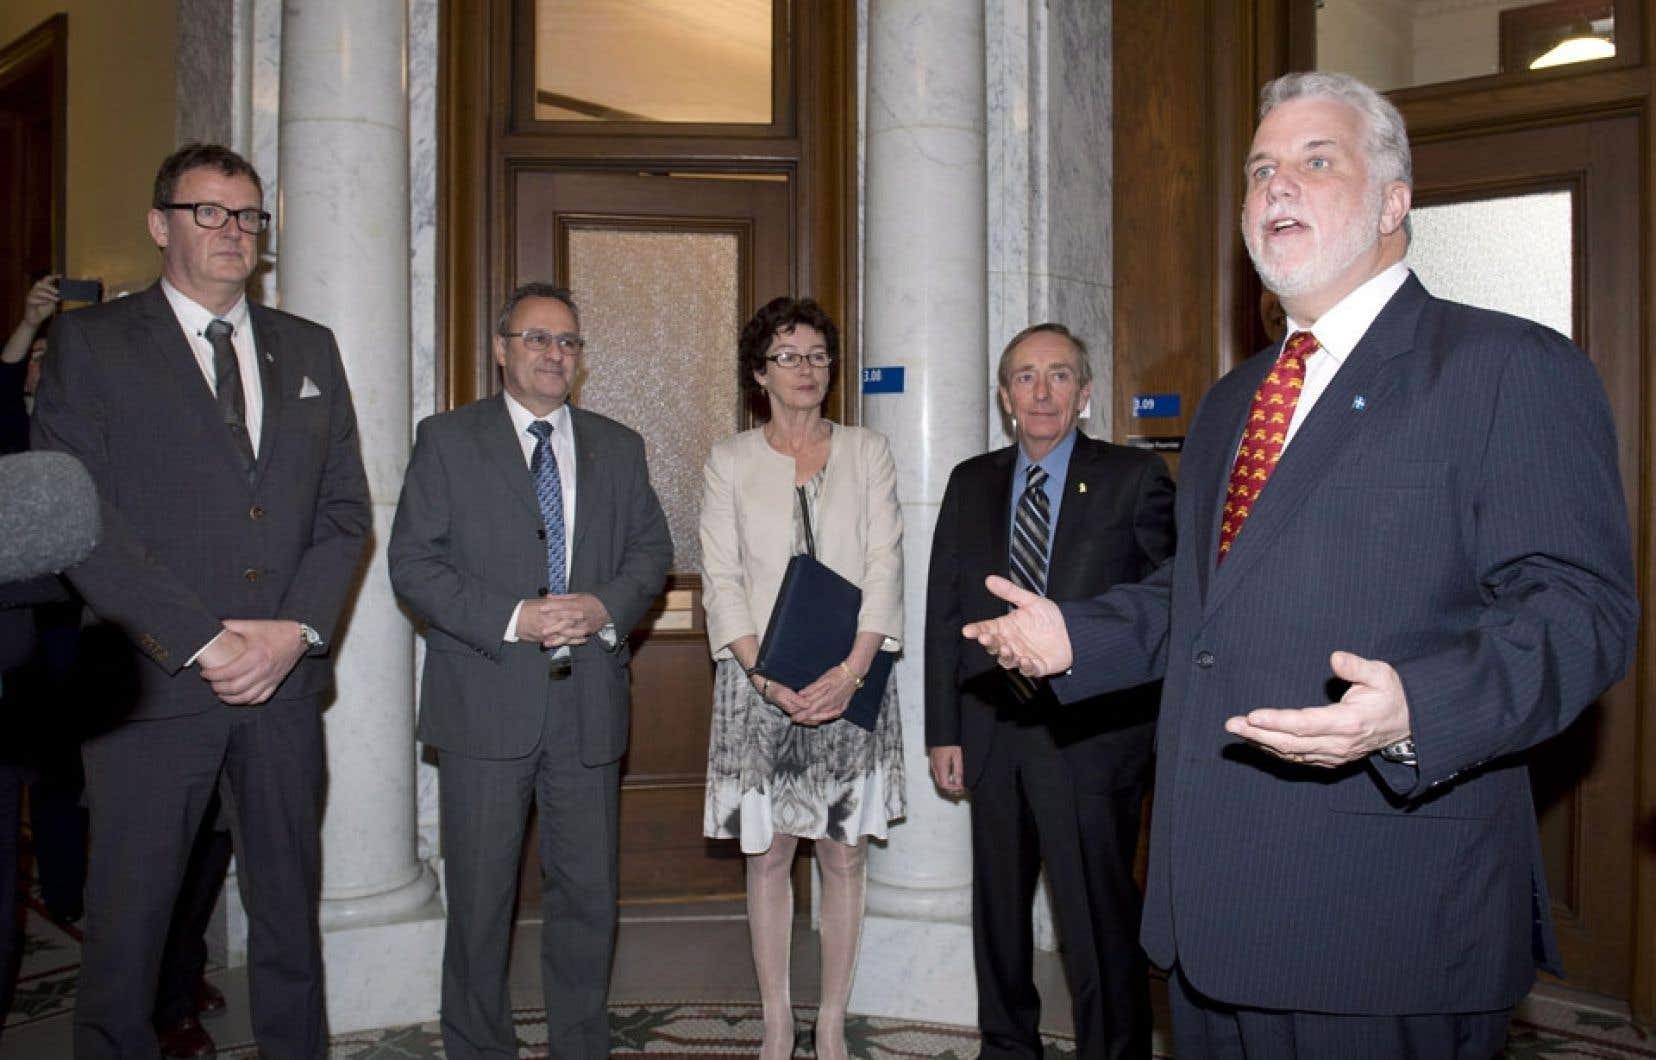 Le premier ministre Philippe Couillard a rencontré les dirigeants des quatre grandes centrales syndicales, soit Jacques Létourneau de la CSN, Daniel Boyer de la FTQ, Louise Chabot de la CSQ et François Vaudreuil de la CSD, jeudi à Québec.